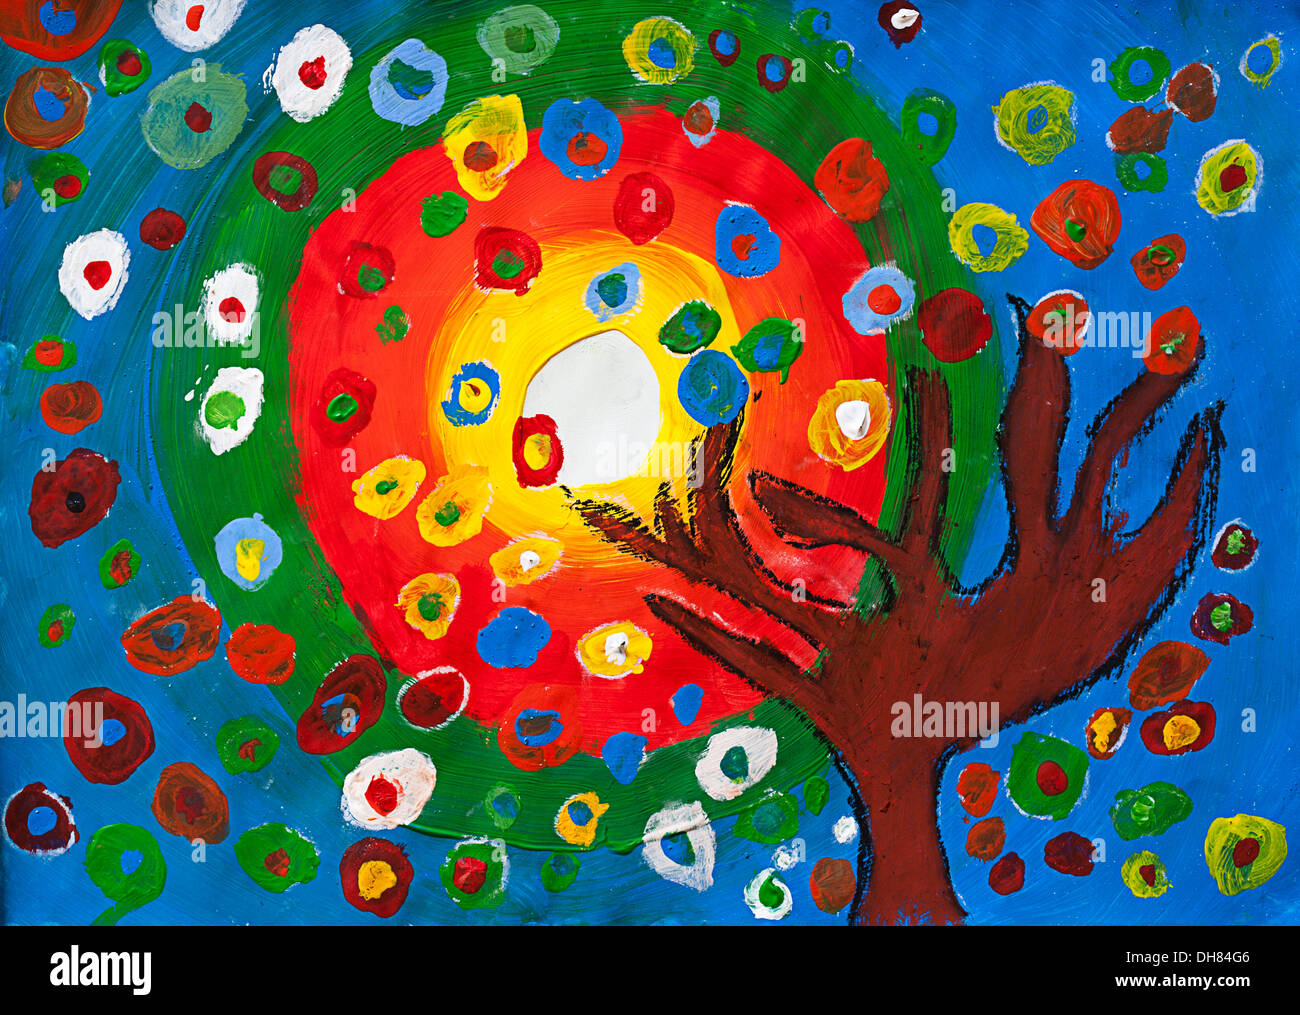 Childrens Kunstwerk: Baum und Sonne Stockbild